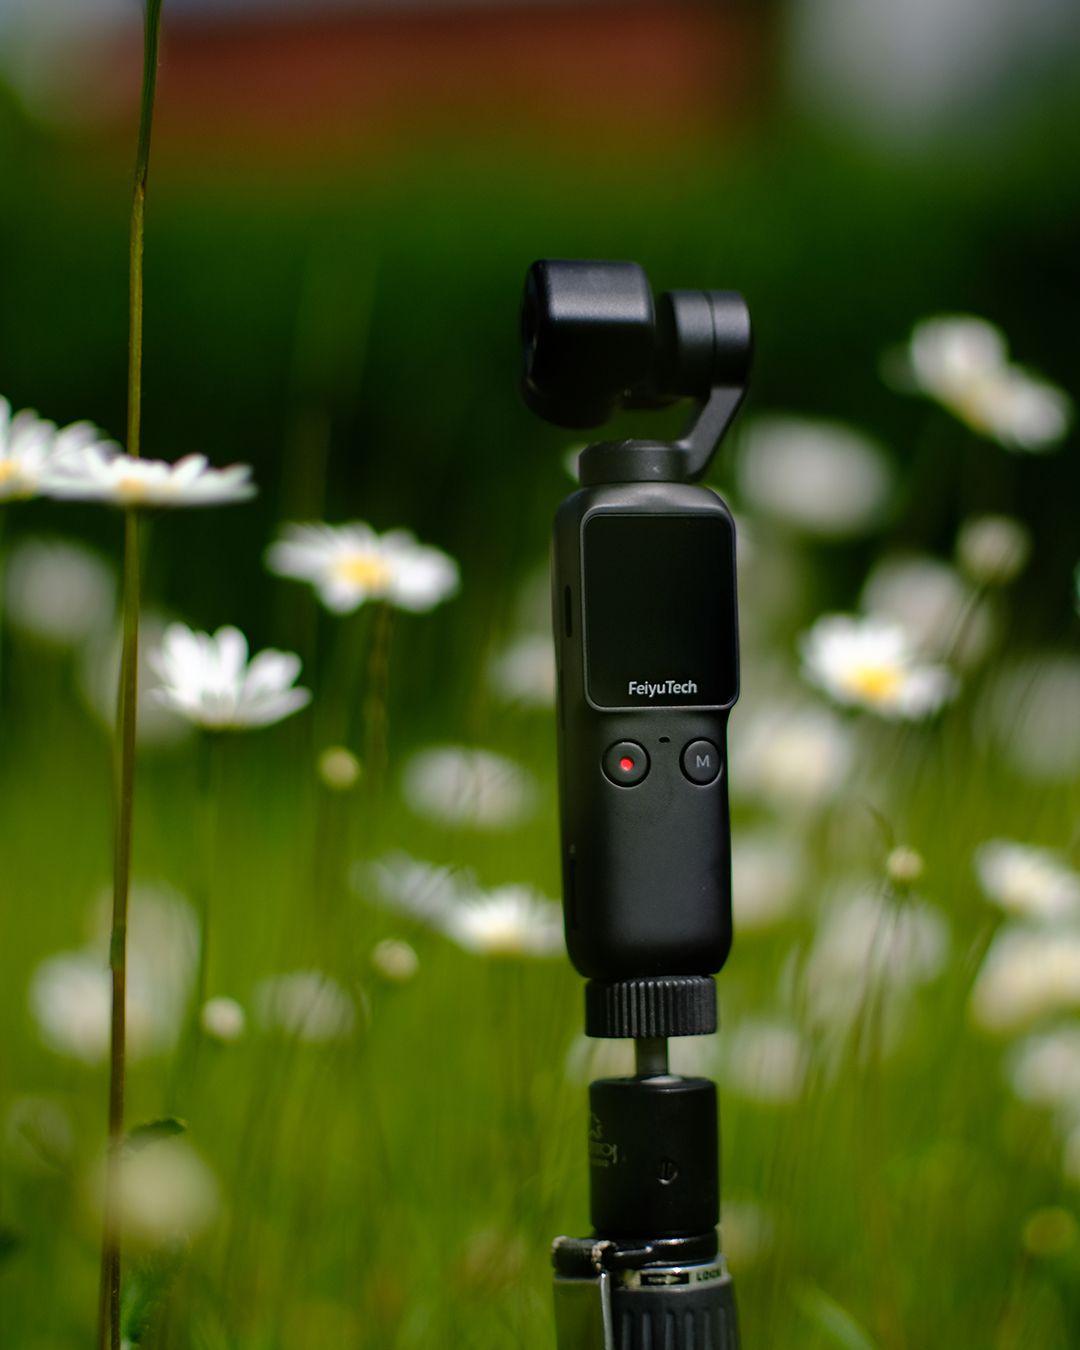 Feiyu Pocket Handheld Gimbal In 2020 Kamera Produkt Online Shop